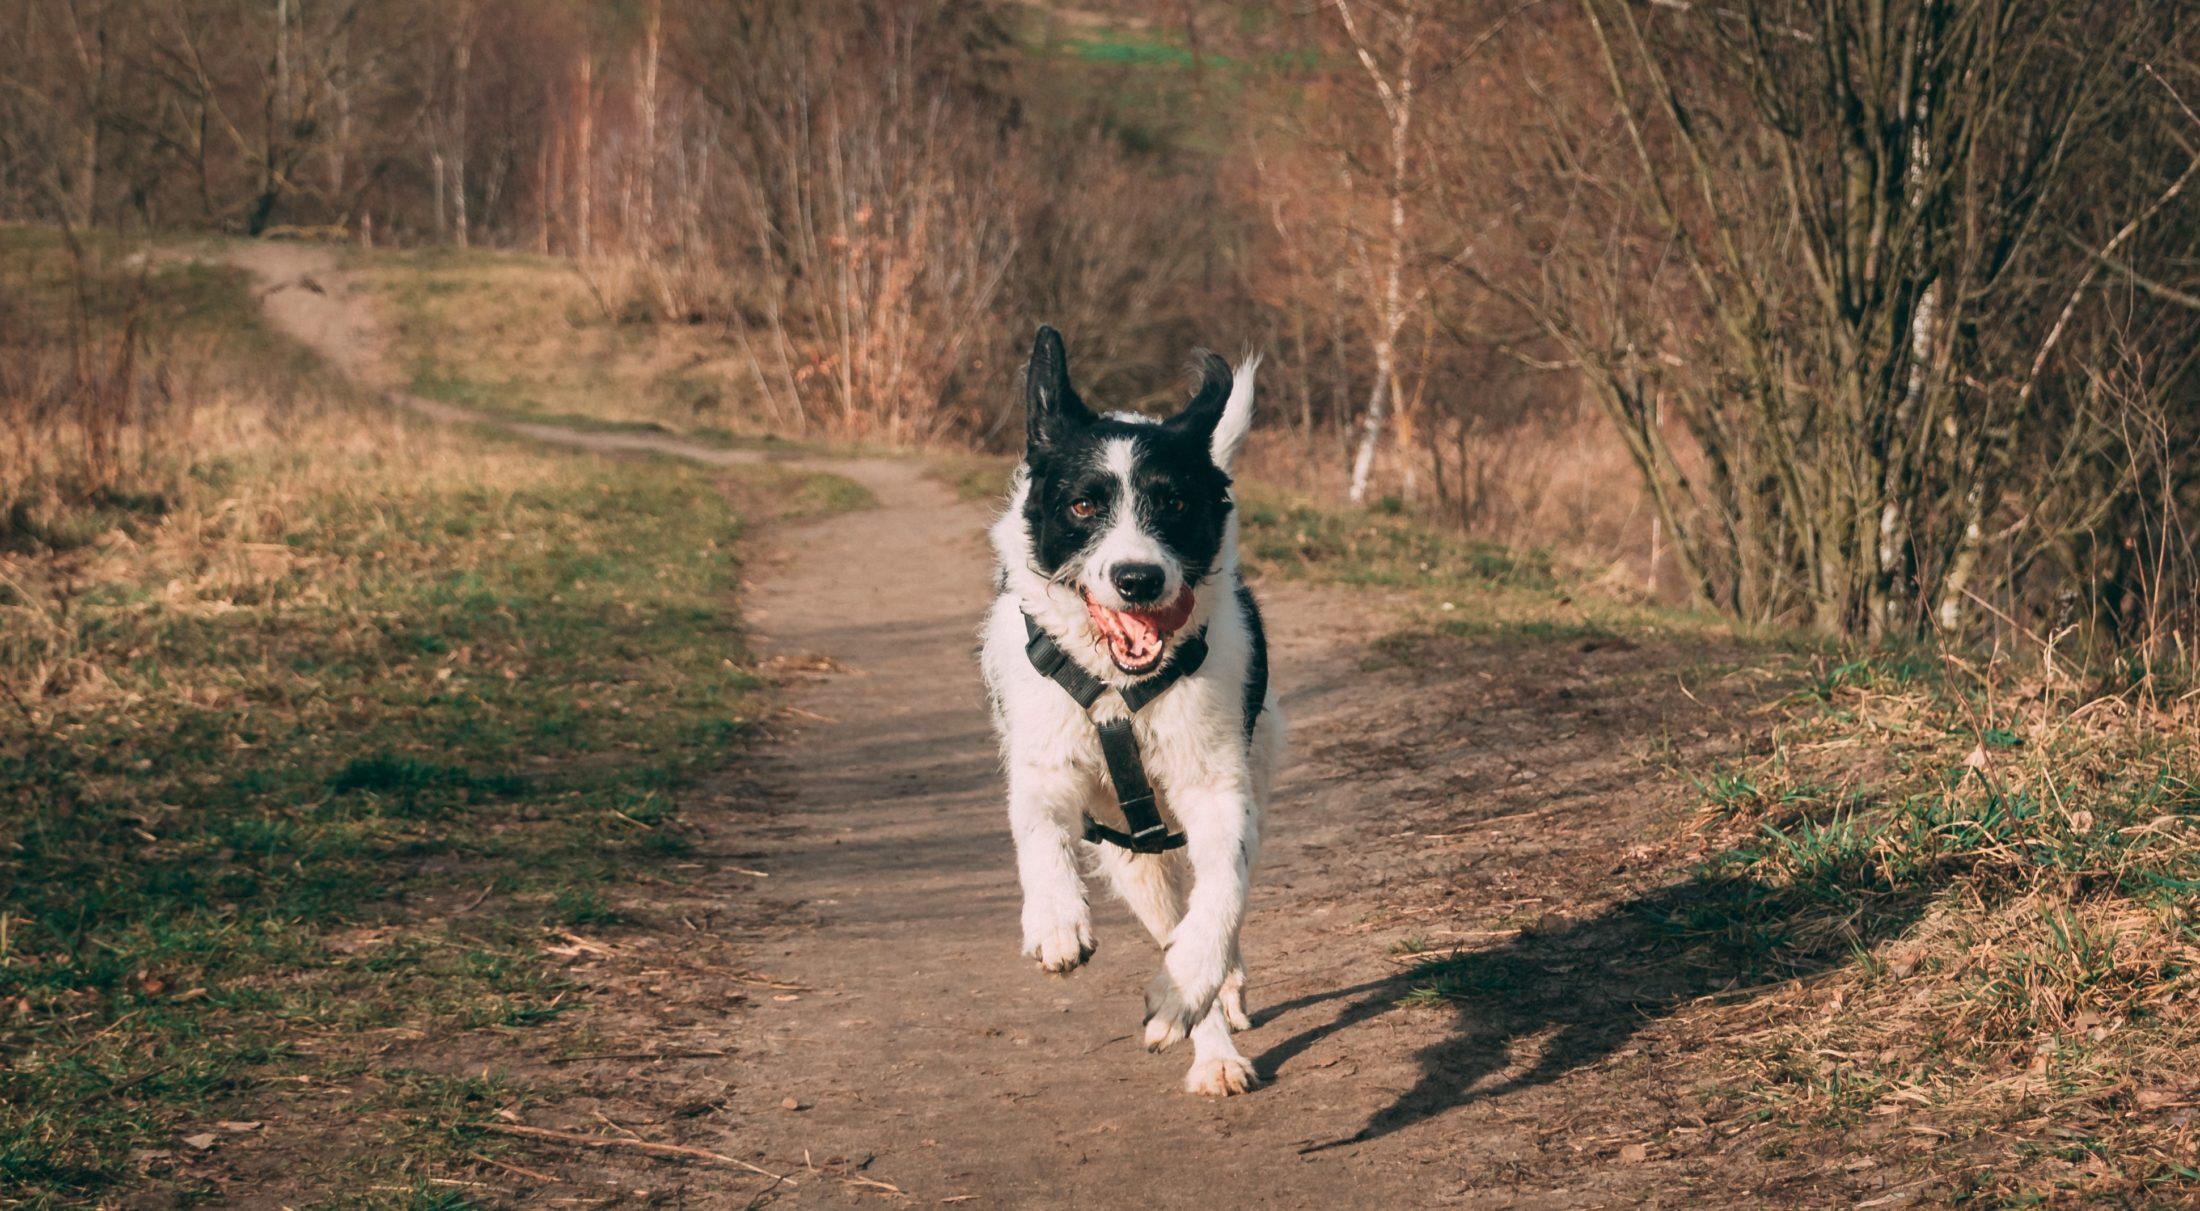 cachorro fujão em estrada de terra correndo solto